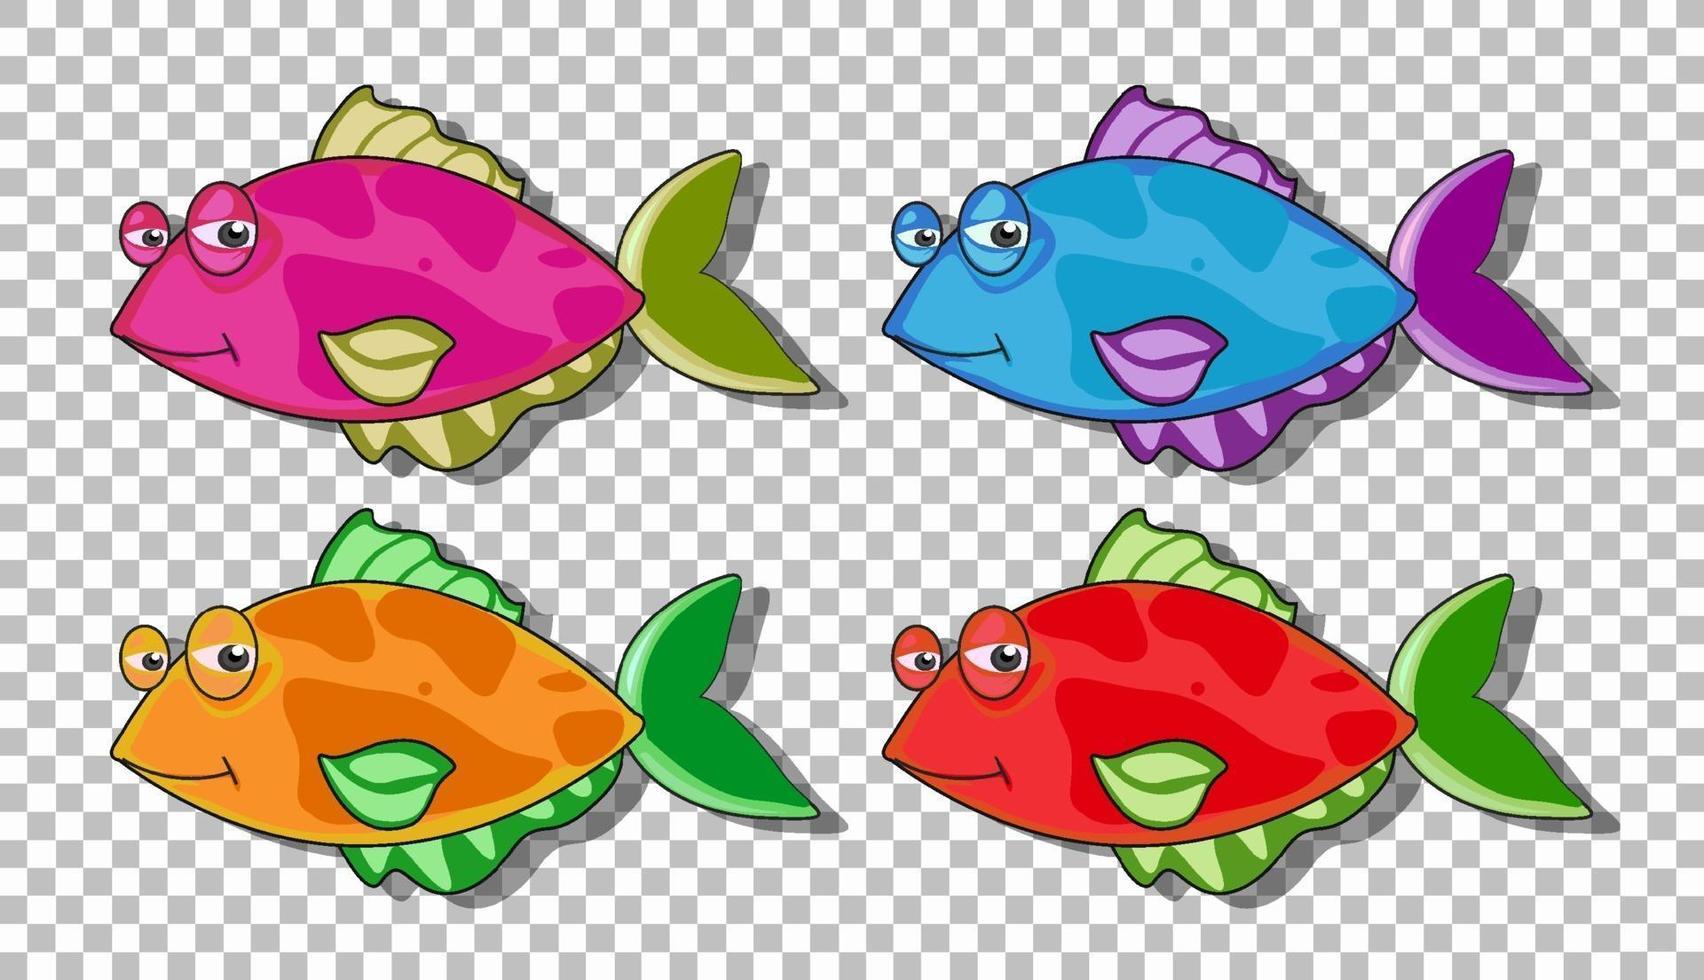 ensemble de nombreux personnages de dessins animés de poissons drôles isolé sur fond transparent vecteur